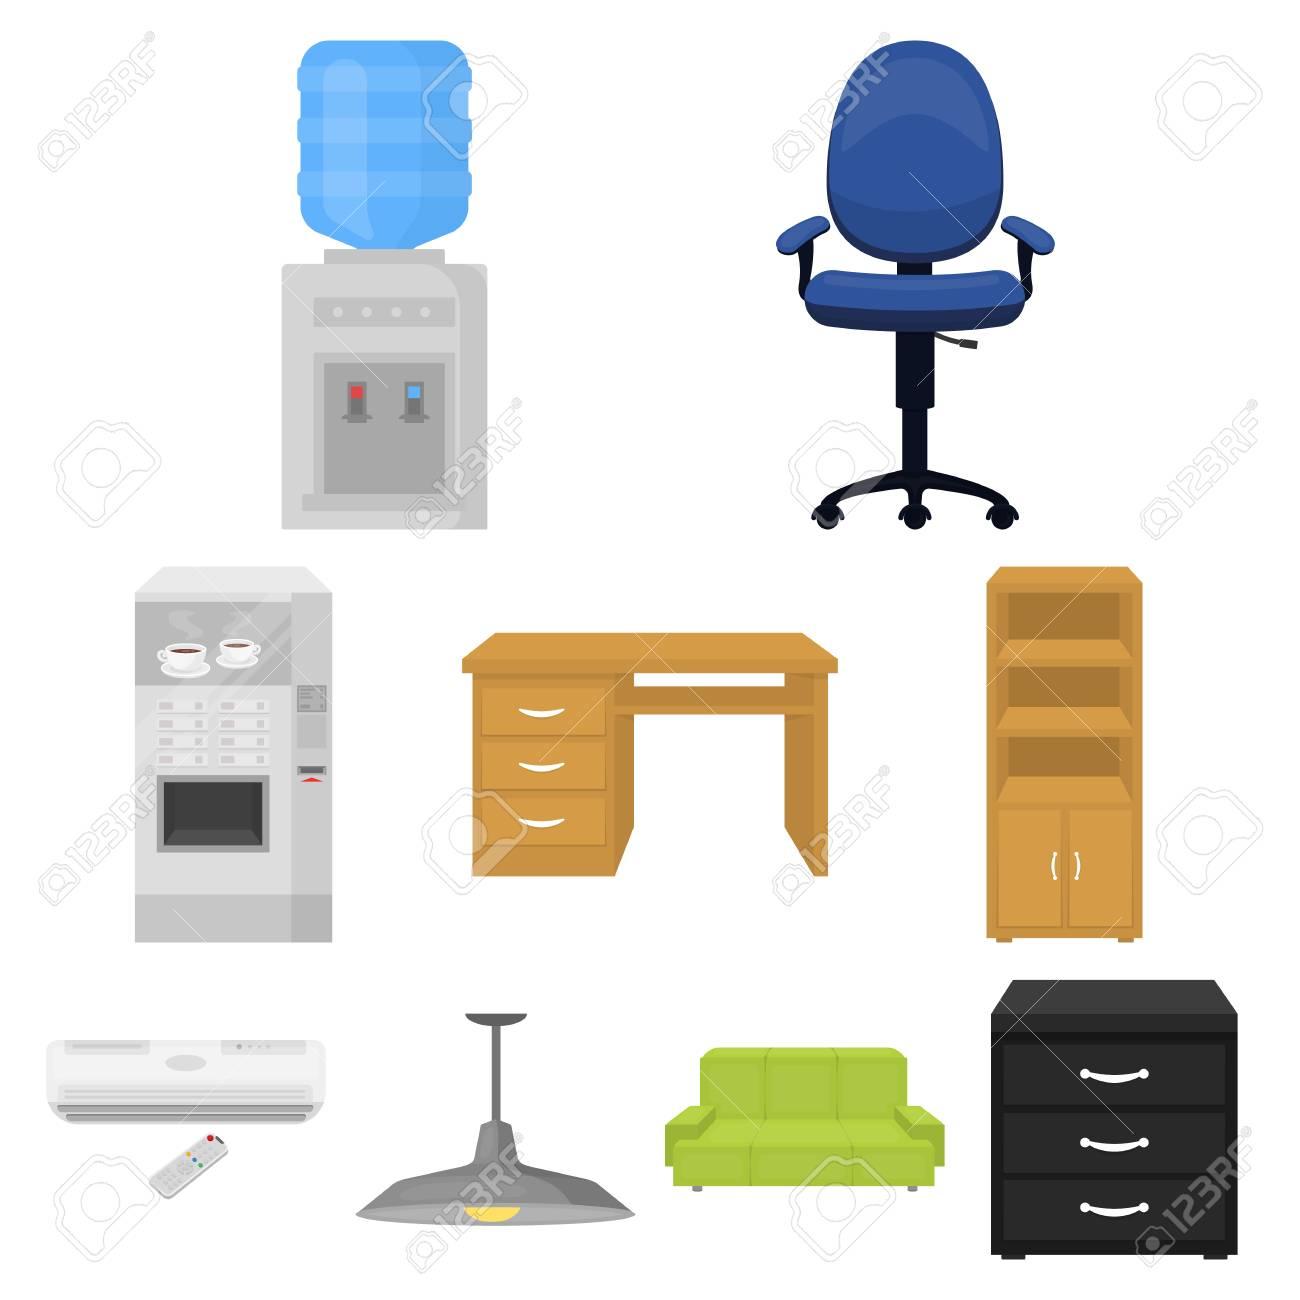 Diseno Muebles Para Oficina.Muebles De Oficina Y Muebles Iconos Conjunto En Diseno De Dibujos Animados Gran Coleccion De Muebles De Oficina Y Simbolo De Stock Ilustracion